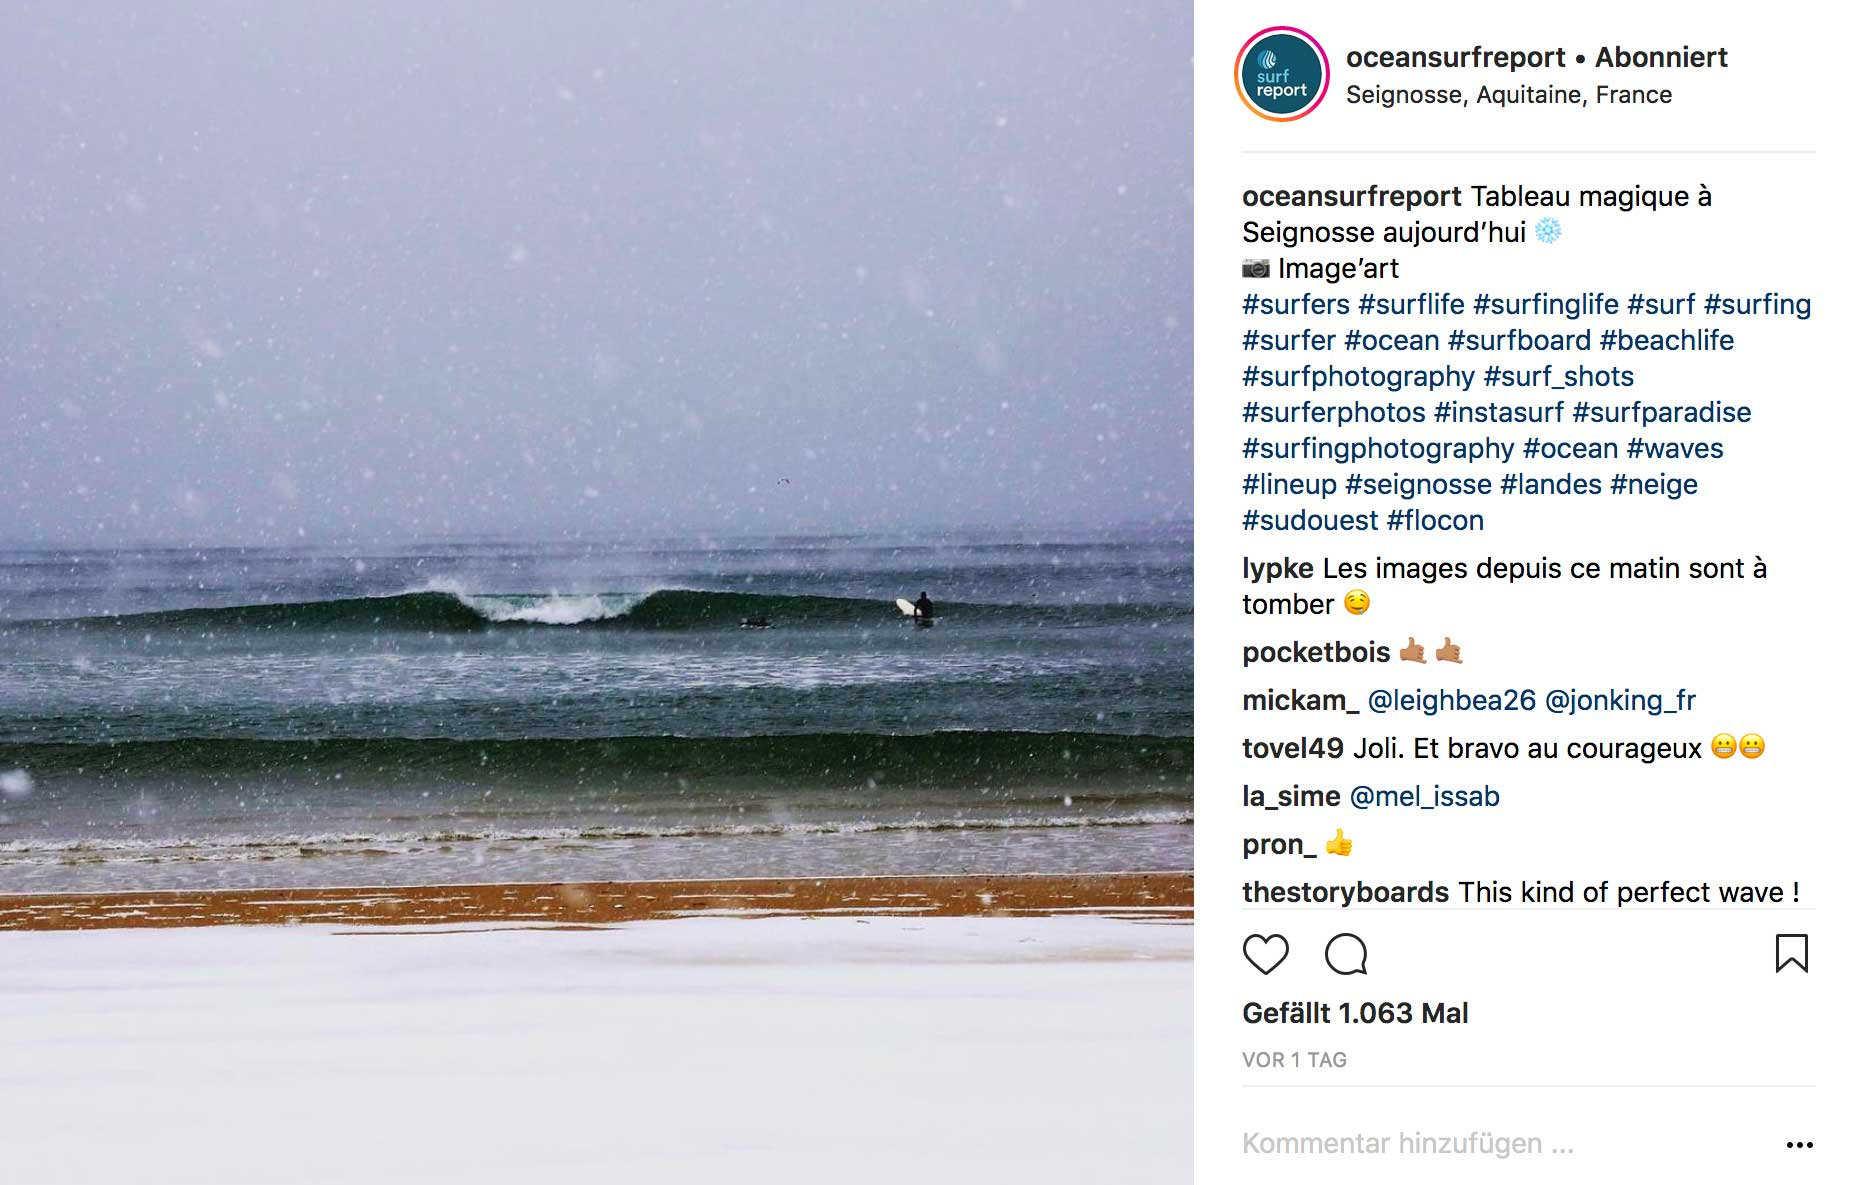 Eine Surfsession in Seignosse mit geschlossener Schneedecke am Strand.